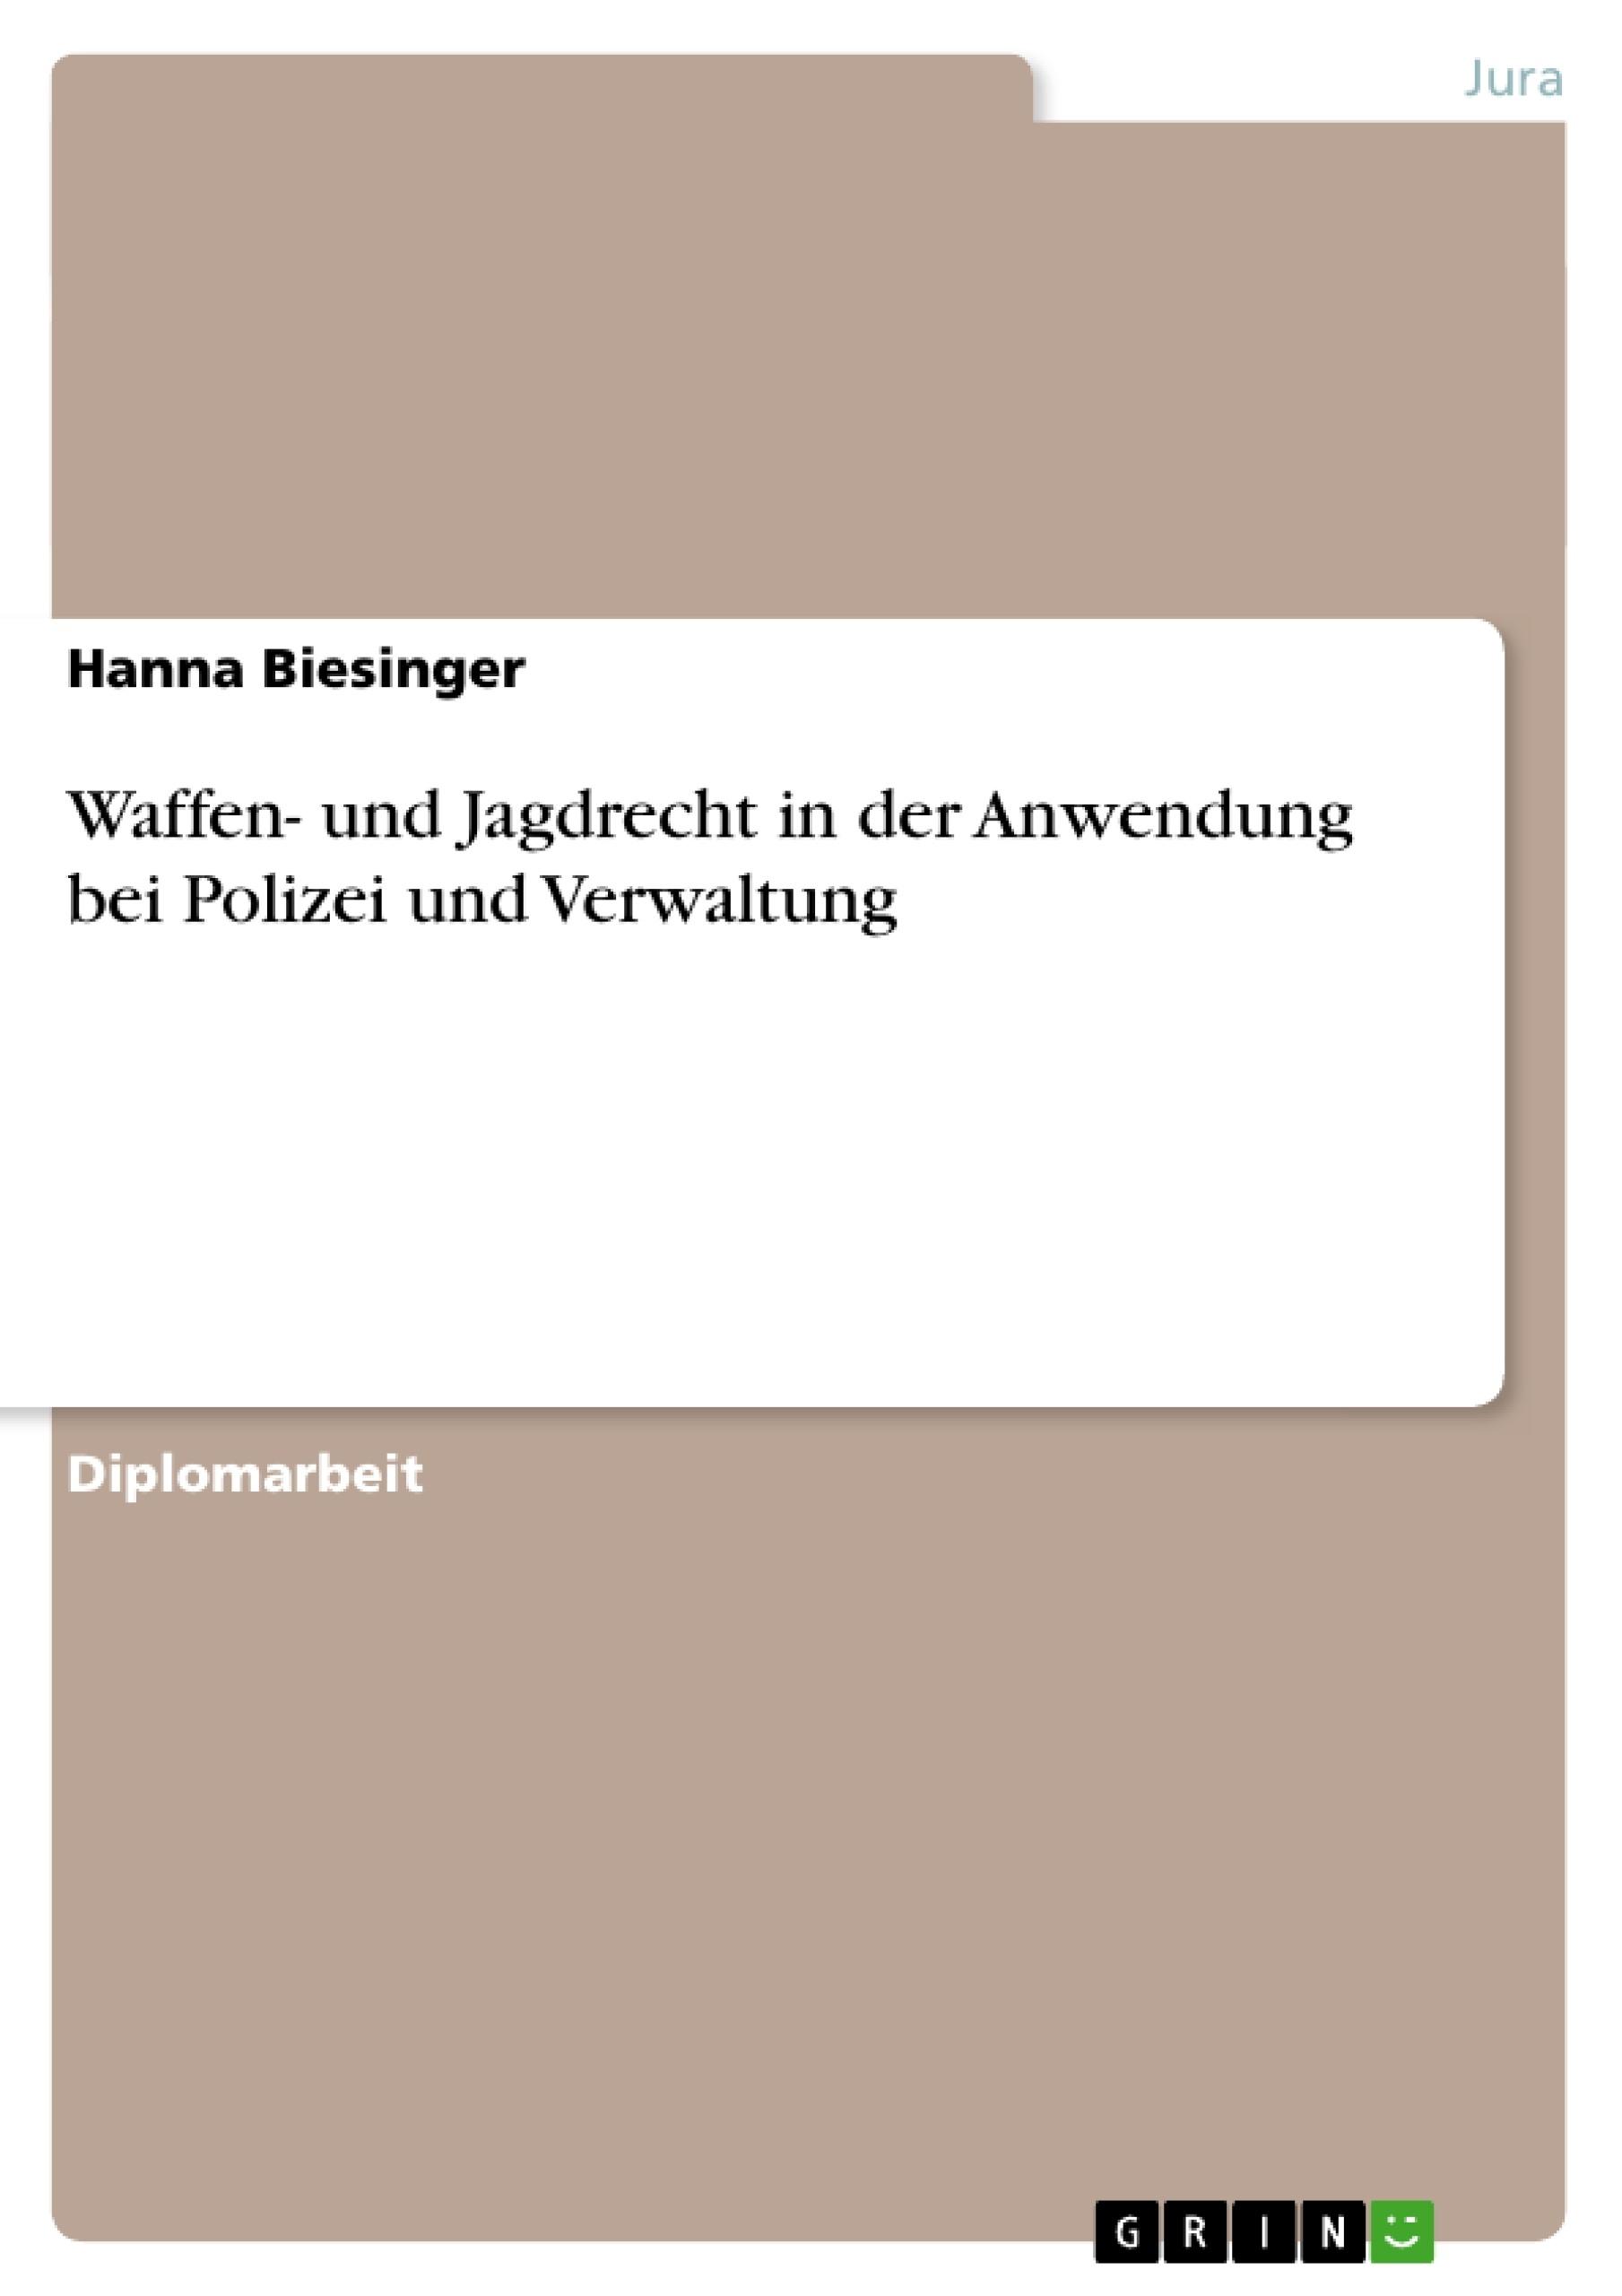 Titel: Waffen- und Jagdrecht in der Anwendung bei Polizei und Verwaltung